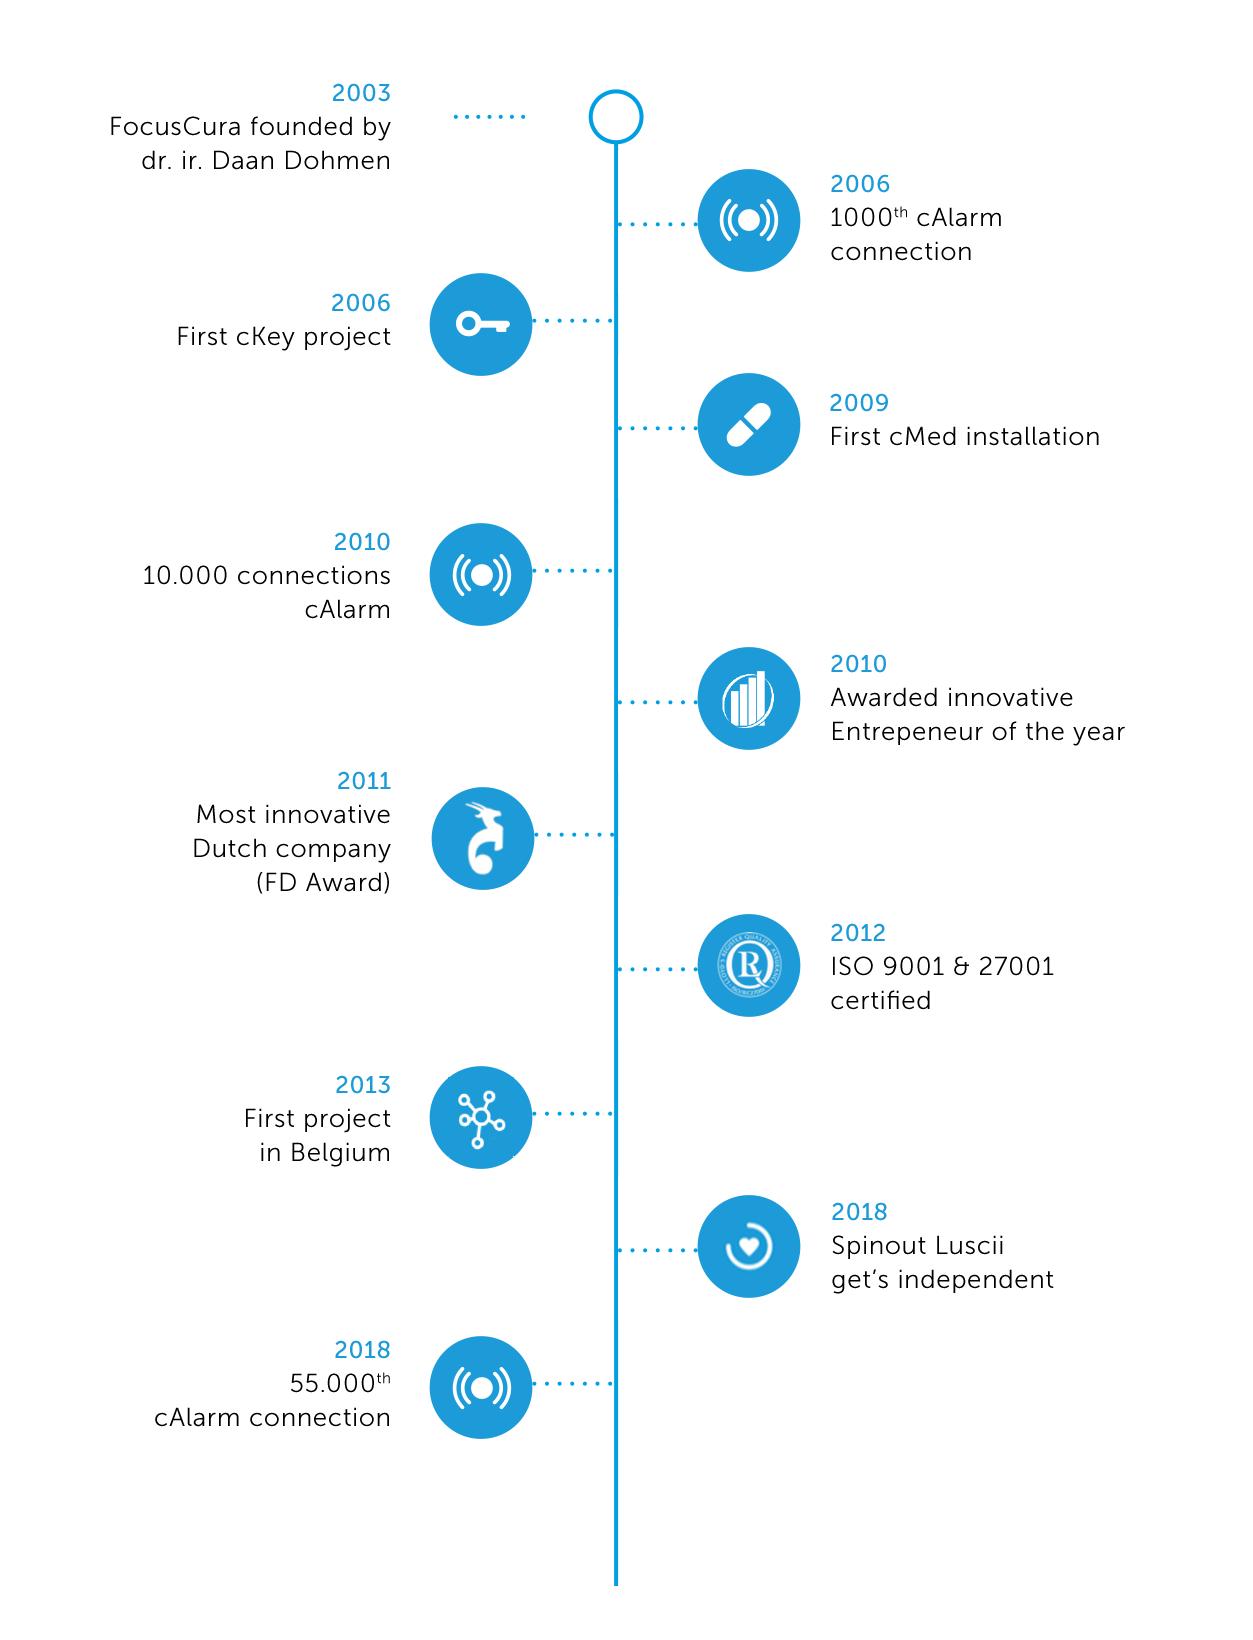 FocusCura timeline